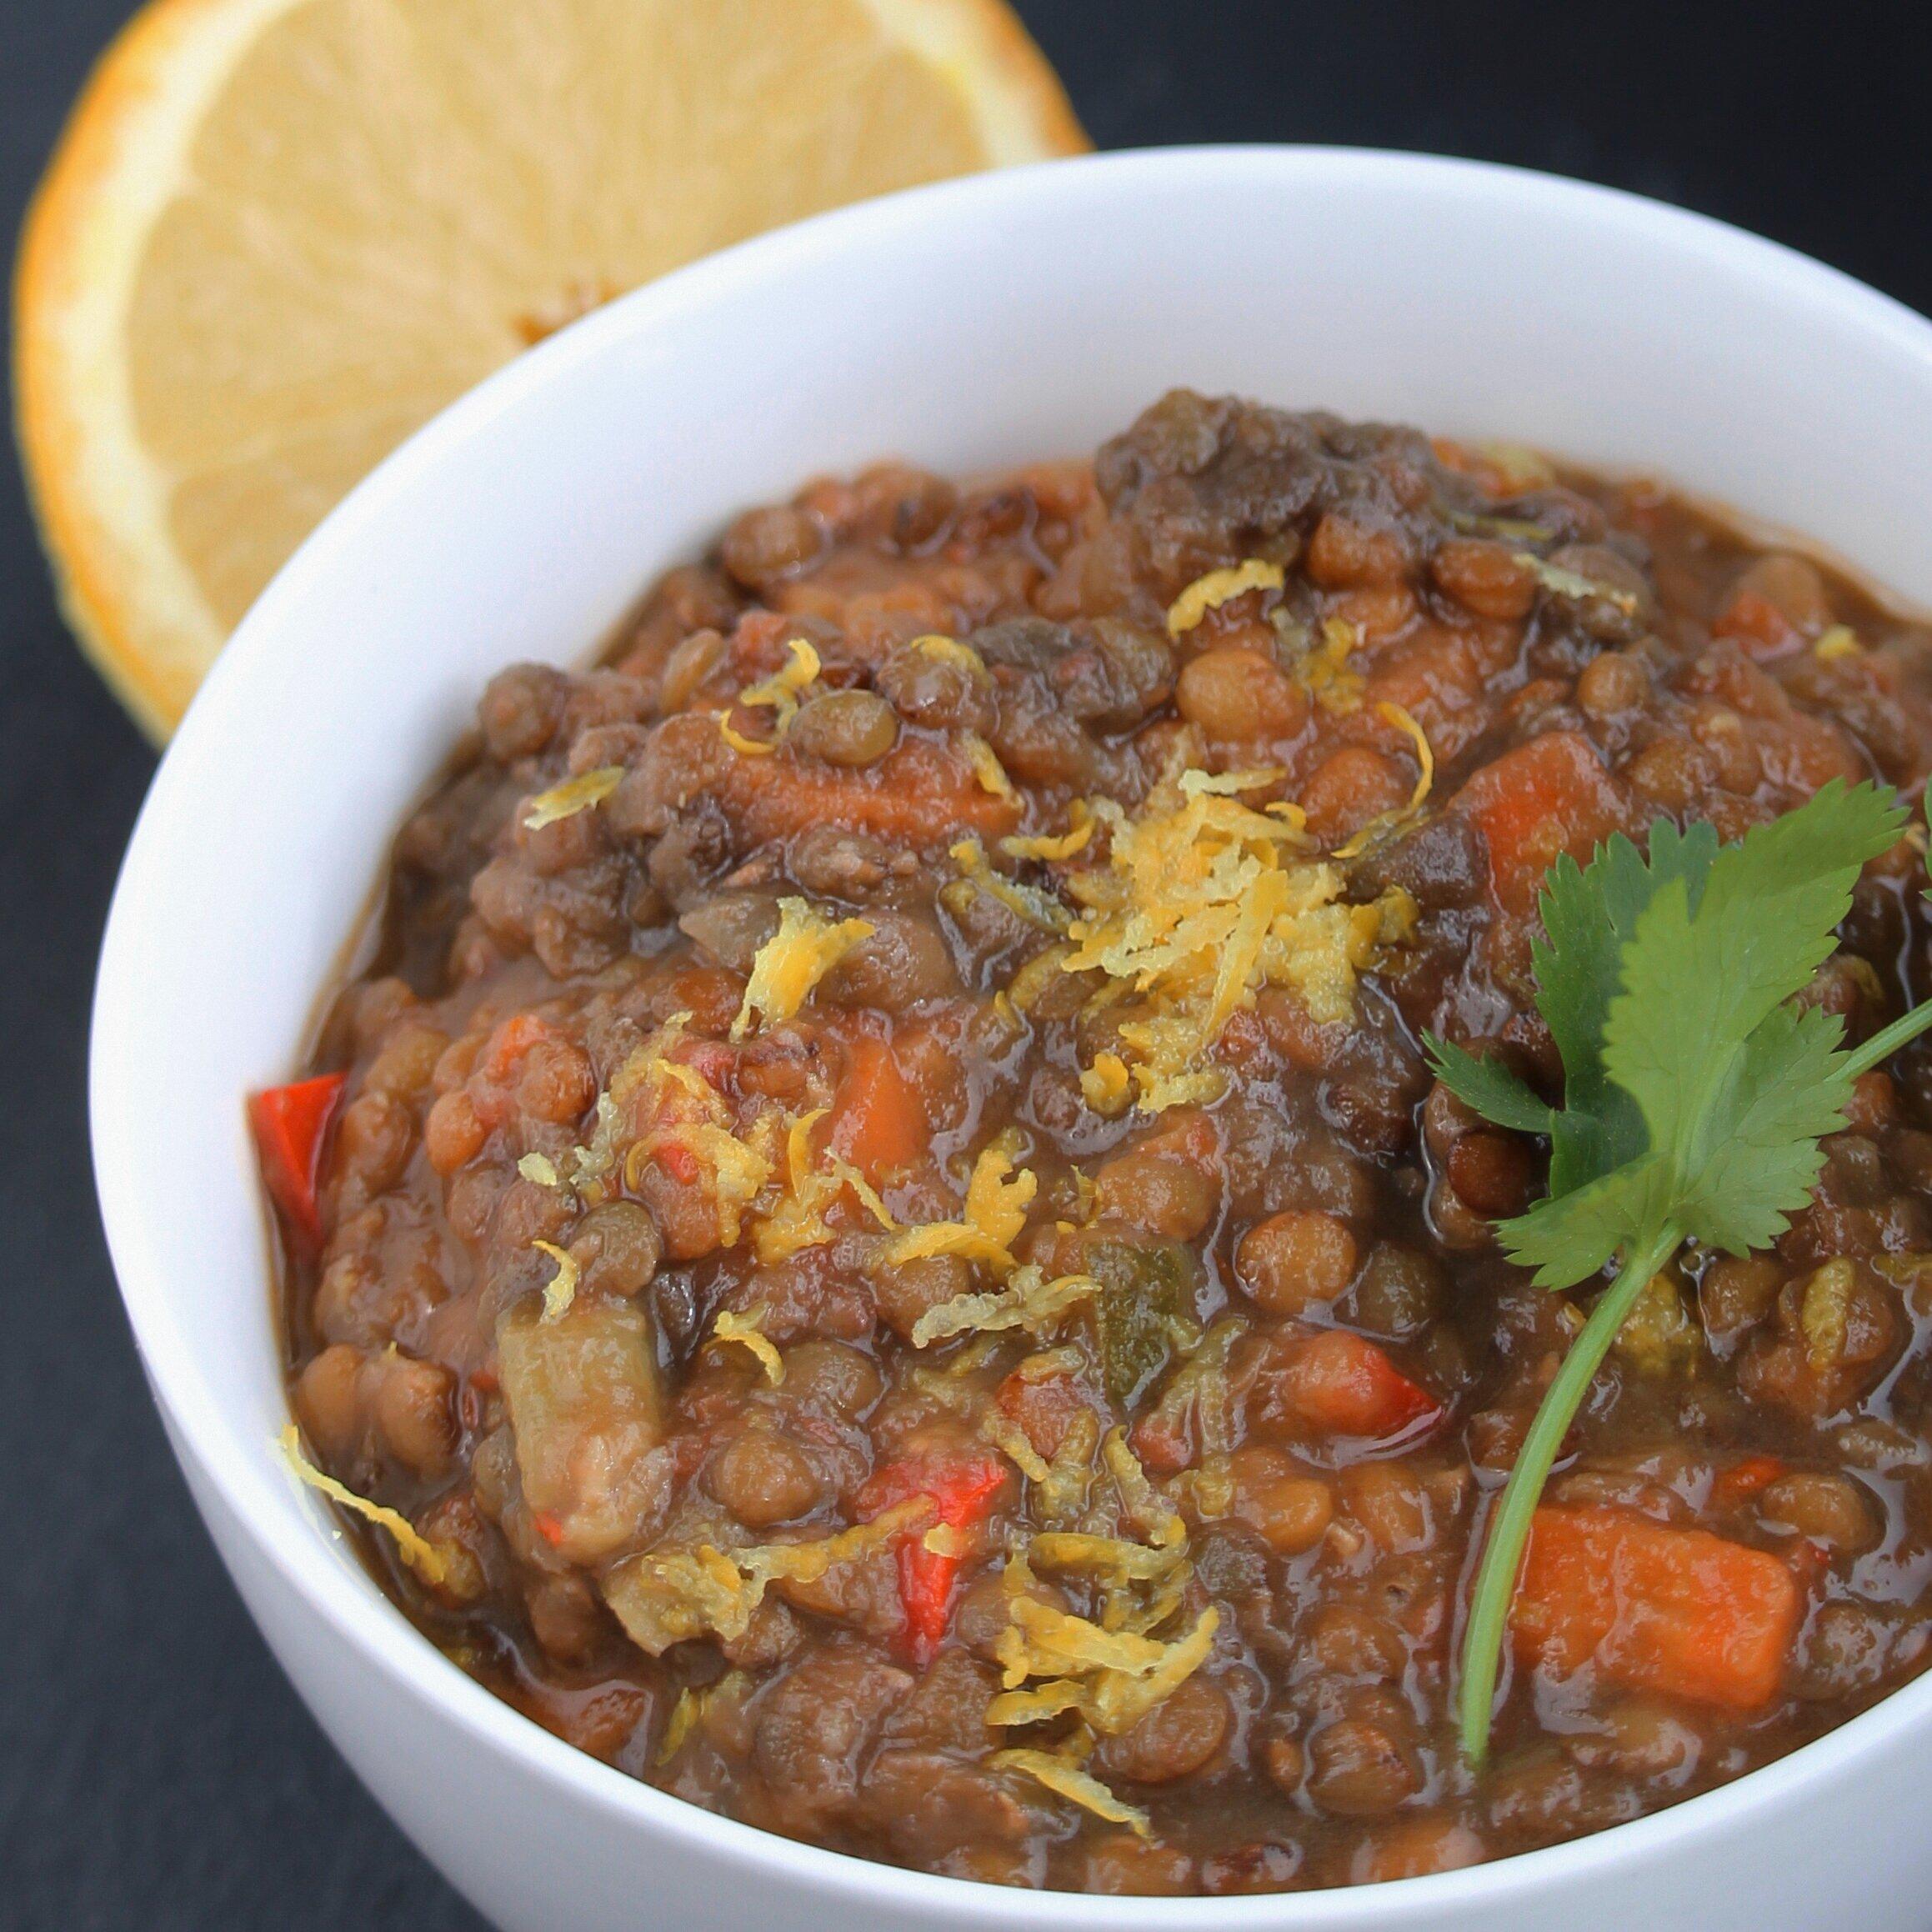 instant pot lentil vegetable soup recipe